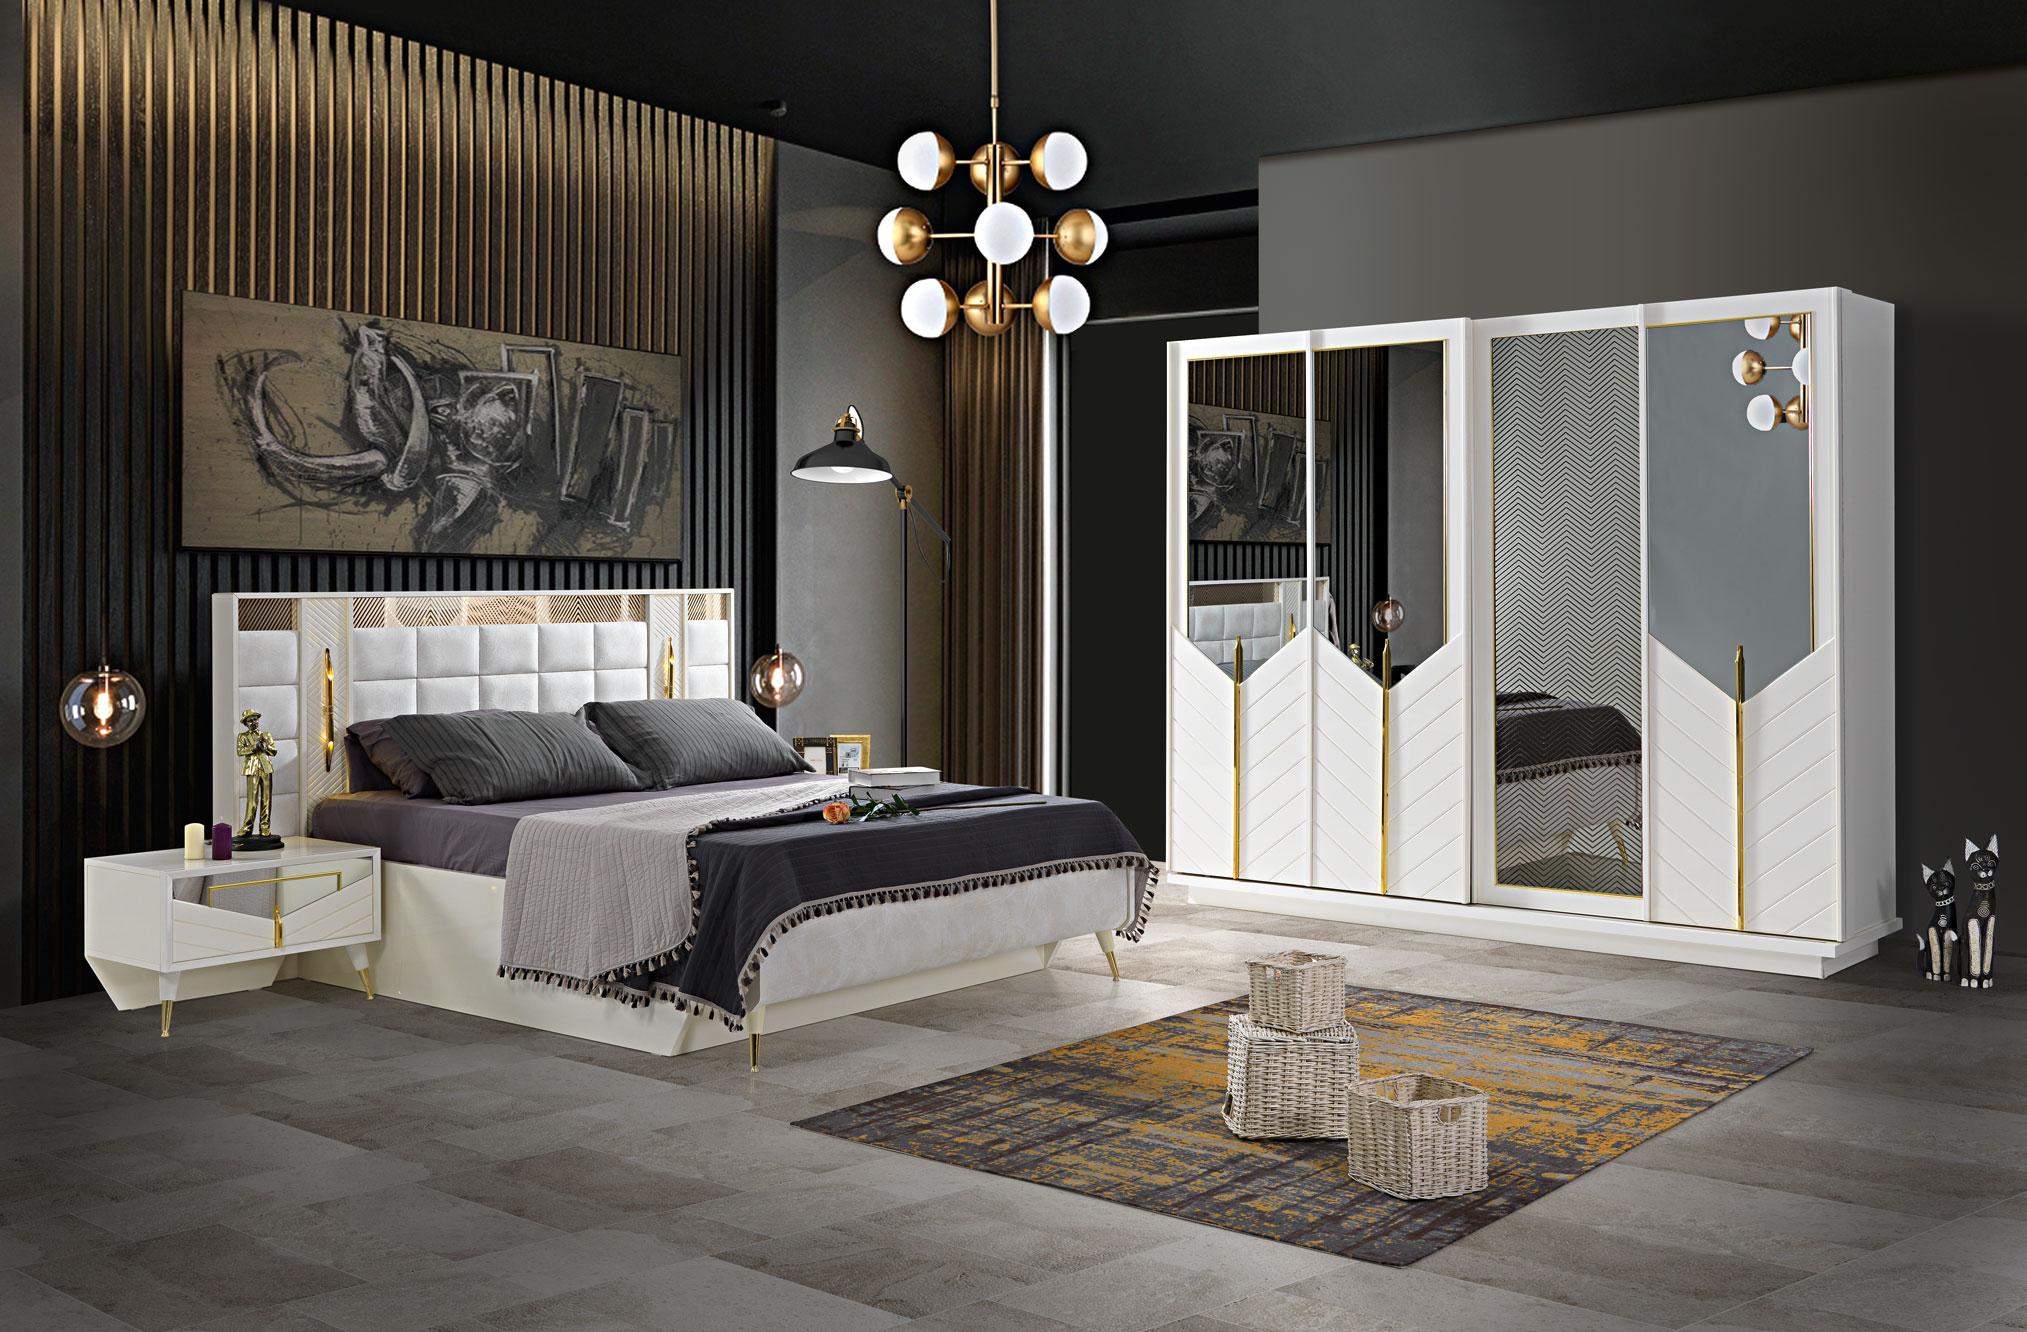 Lidya Schlafzimmer Set Piramit mit Bett in 180x200 cm